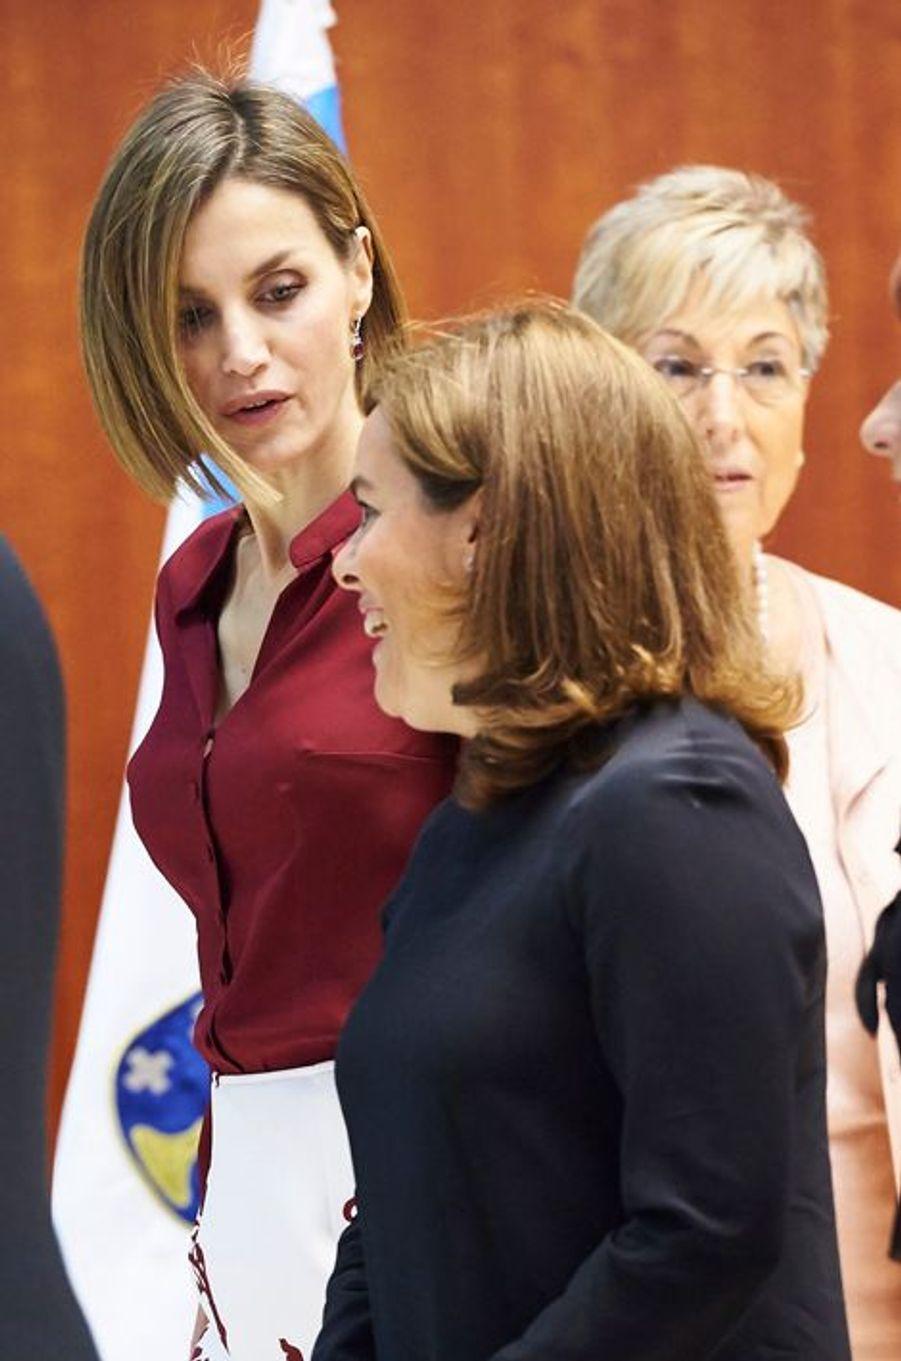 La reine Letizia d'Espagne avec Soraya Saenz de Santamaría à Madrid, le 9 septembre 2015